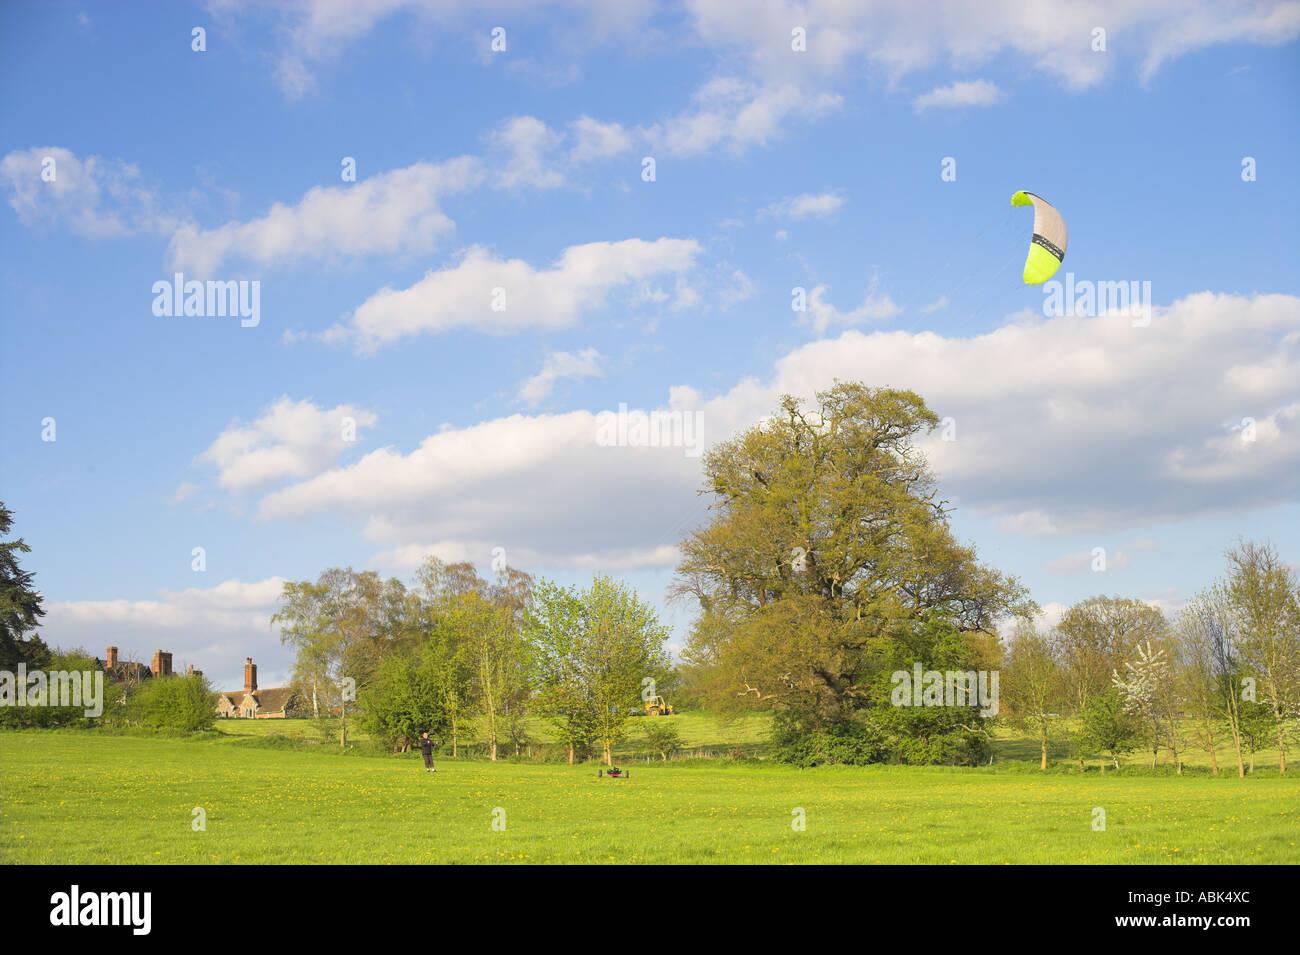 Man flying kite setting up for landboarding buggie - Stock Image